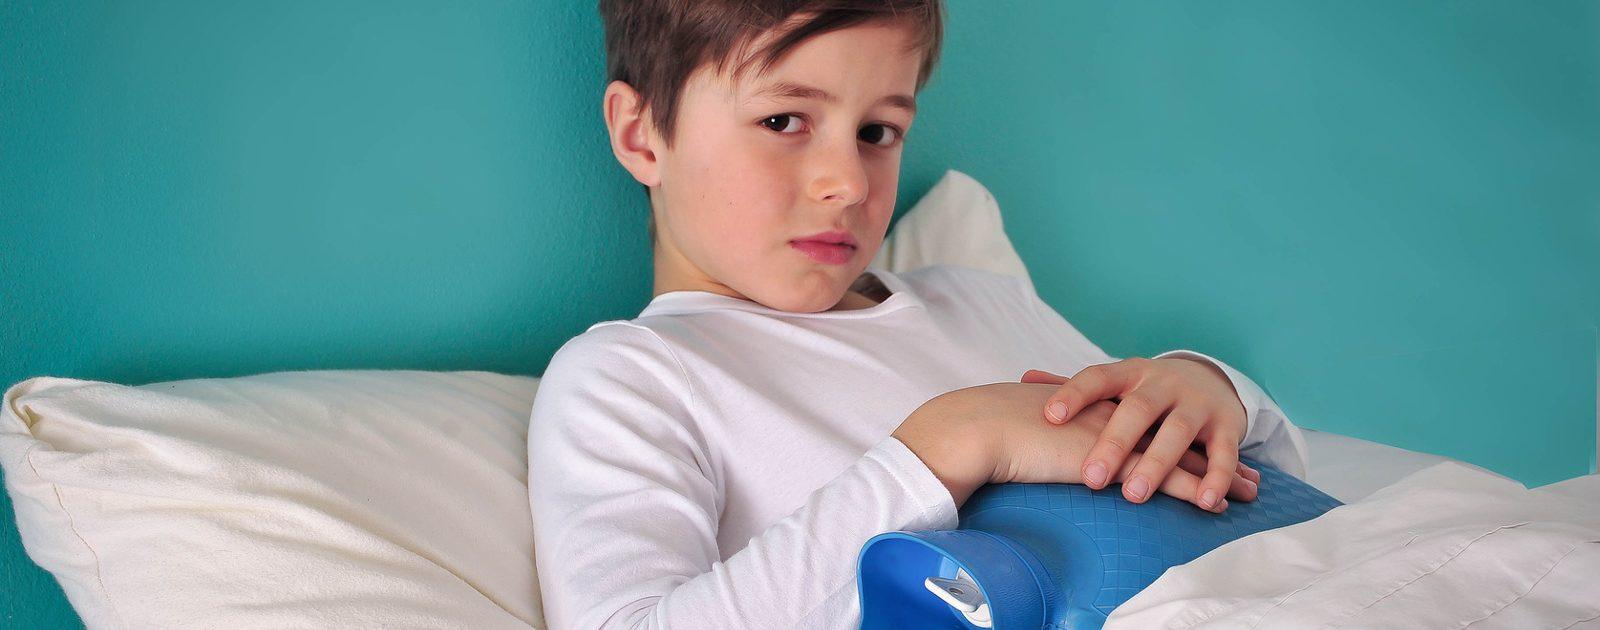 Junge mit Darmkrämpfen liegt mit Wärmflasche im Bett